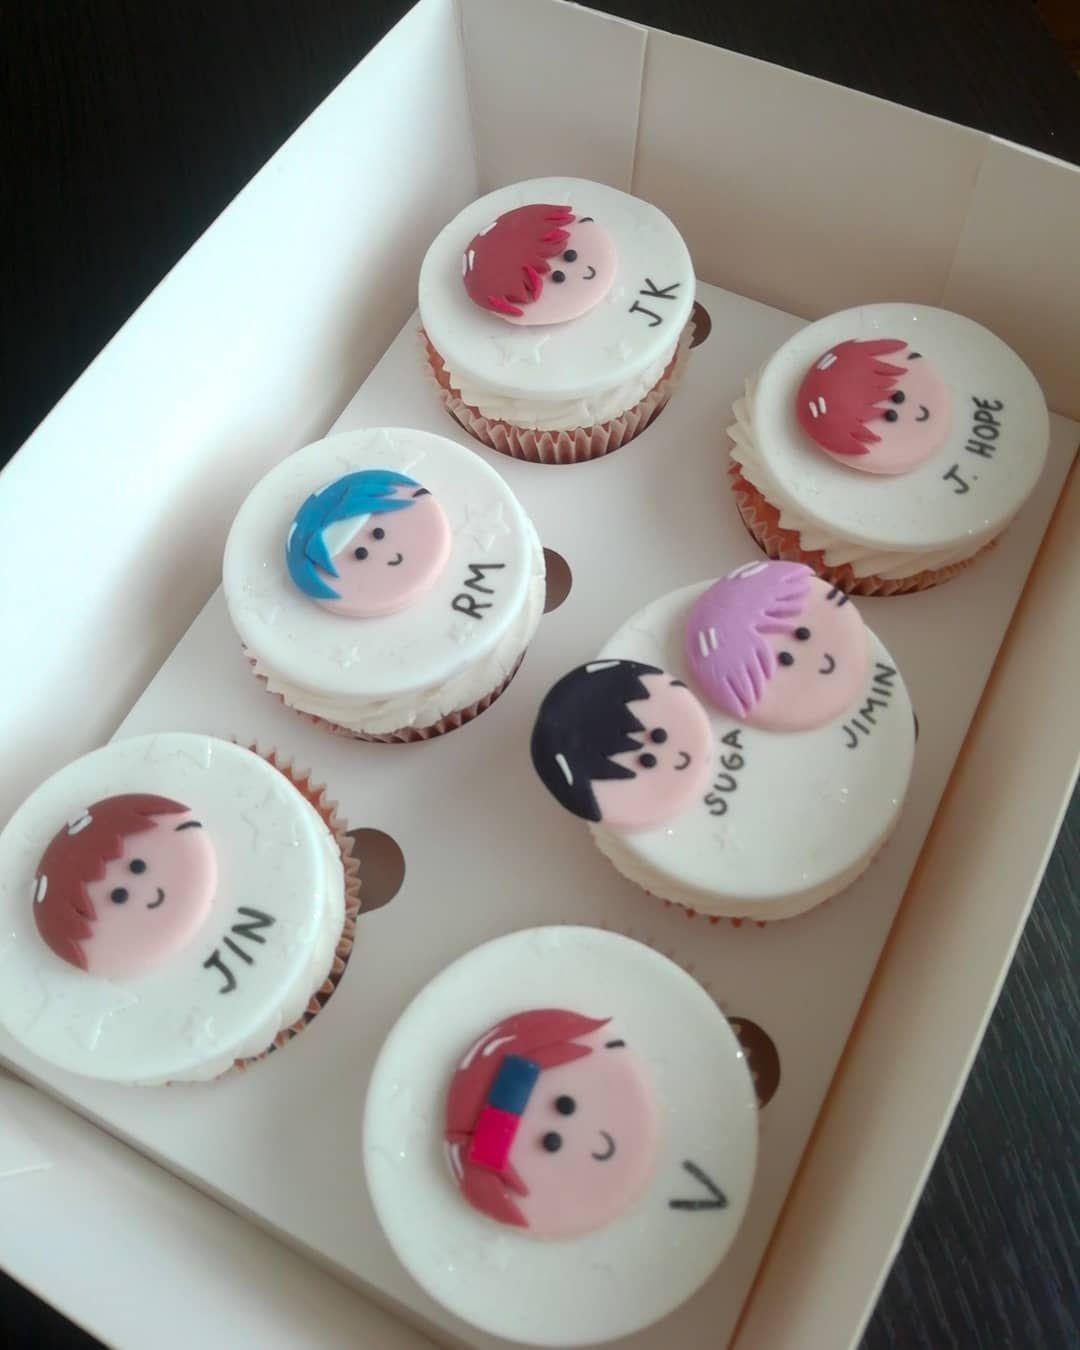 Cupcakes personalizados de tu grupo de k-pop favorito 🇰🇷 . Recuerda realizar tus pedidos al 📲0978828615 😉 . . . . .